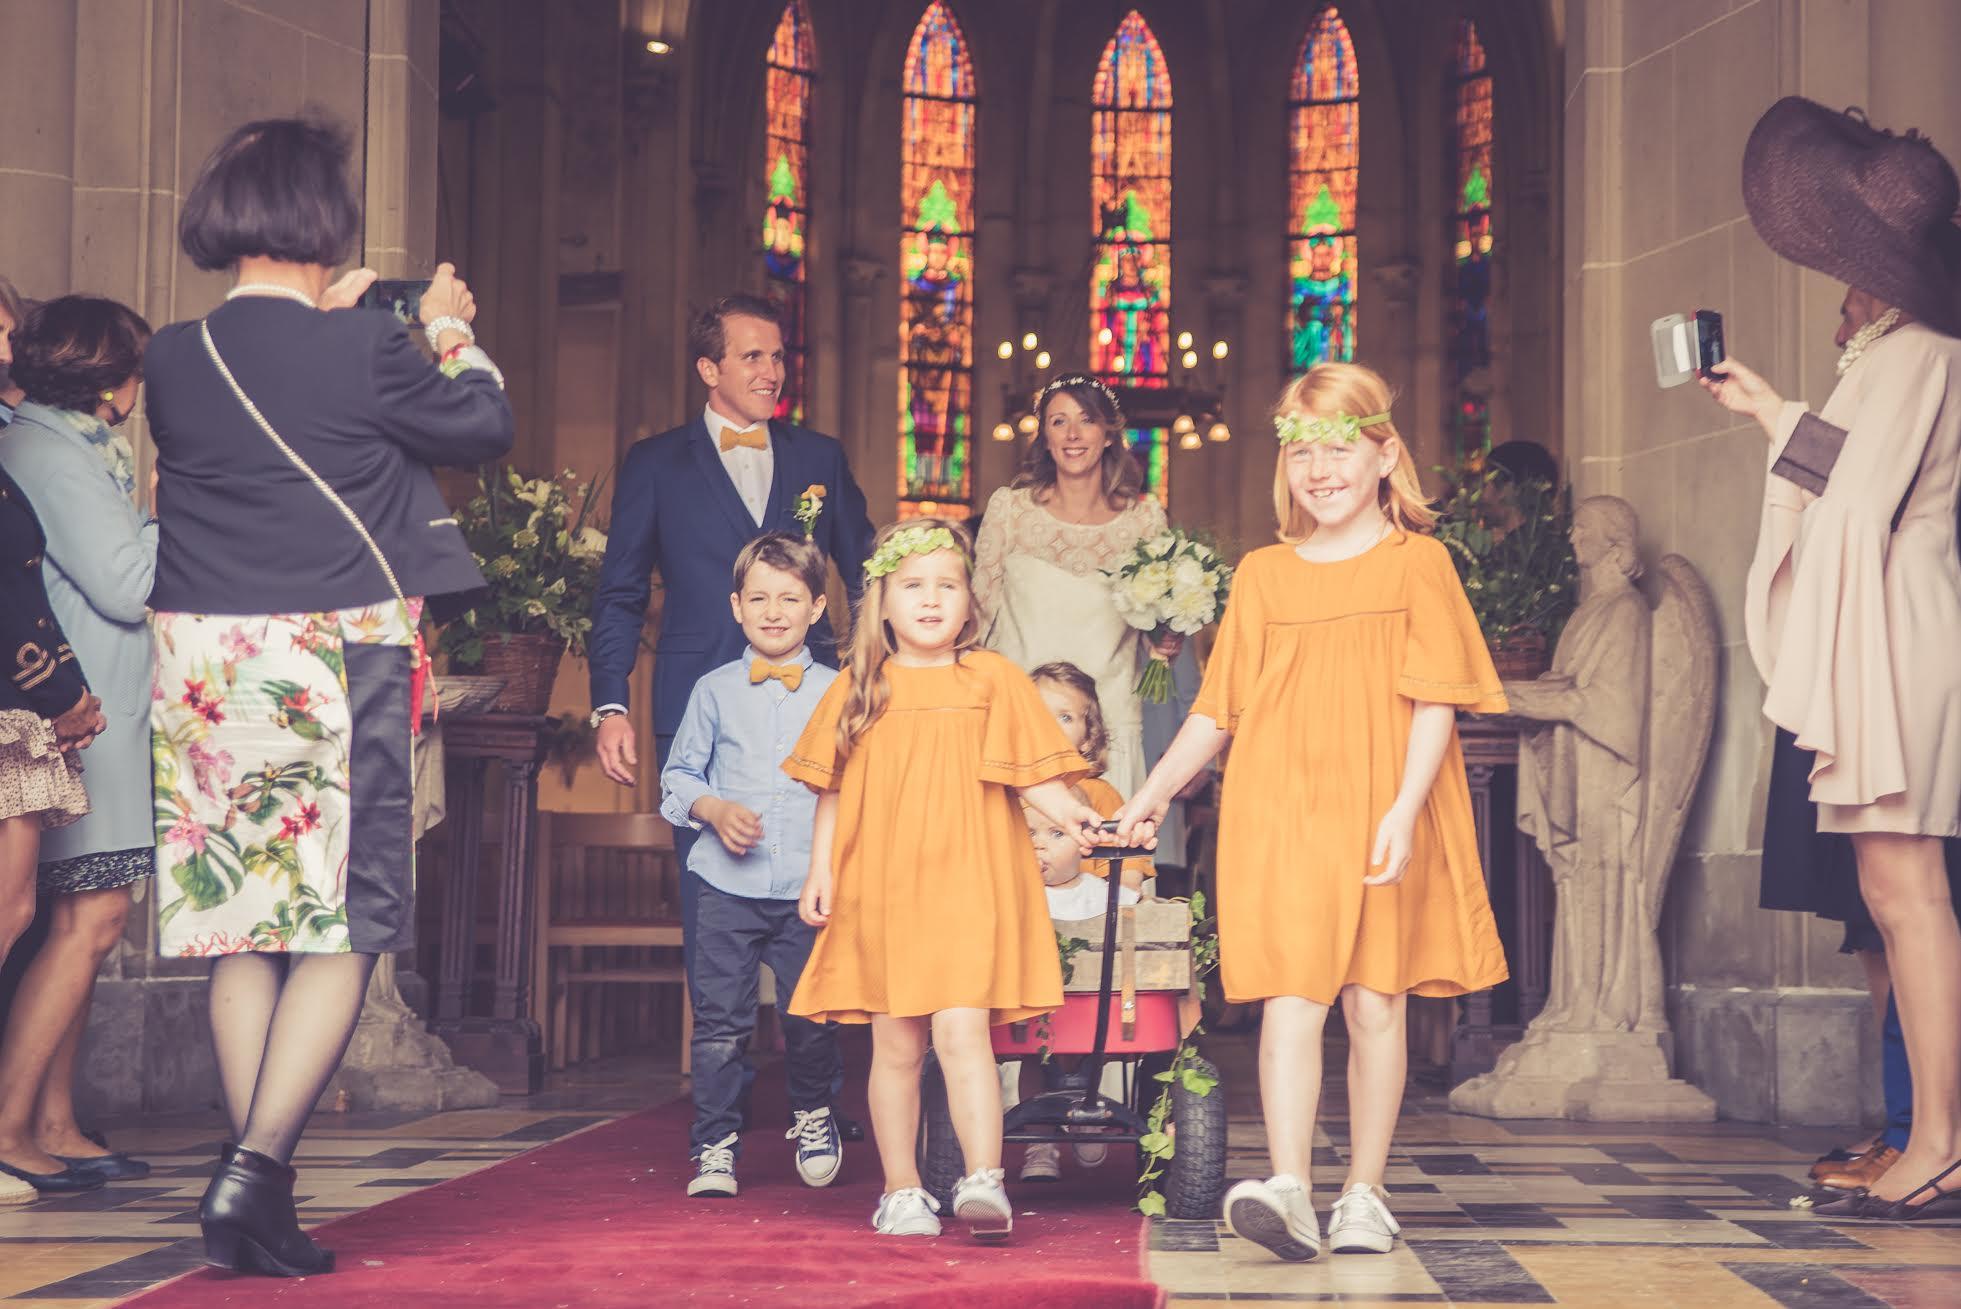 wedding Le coq en pap